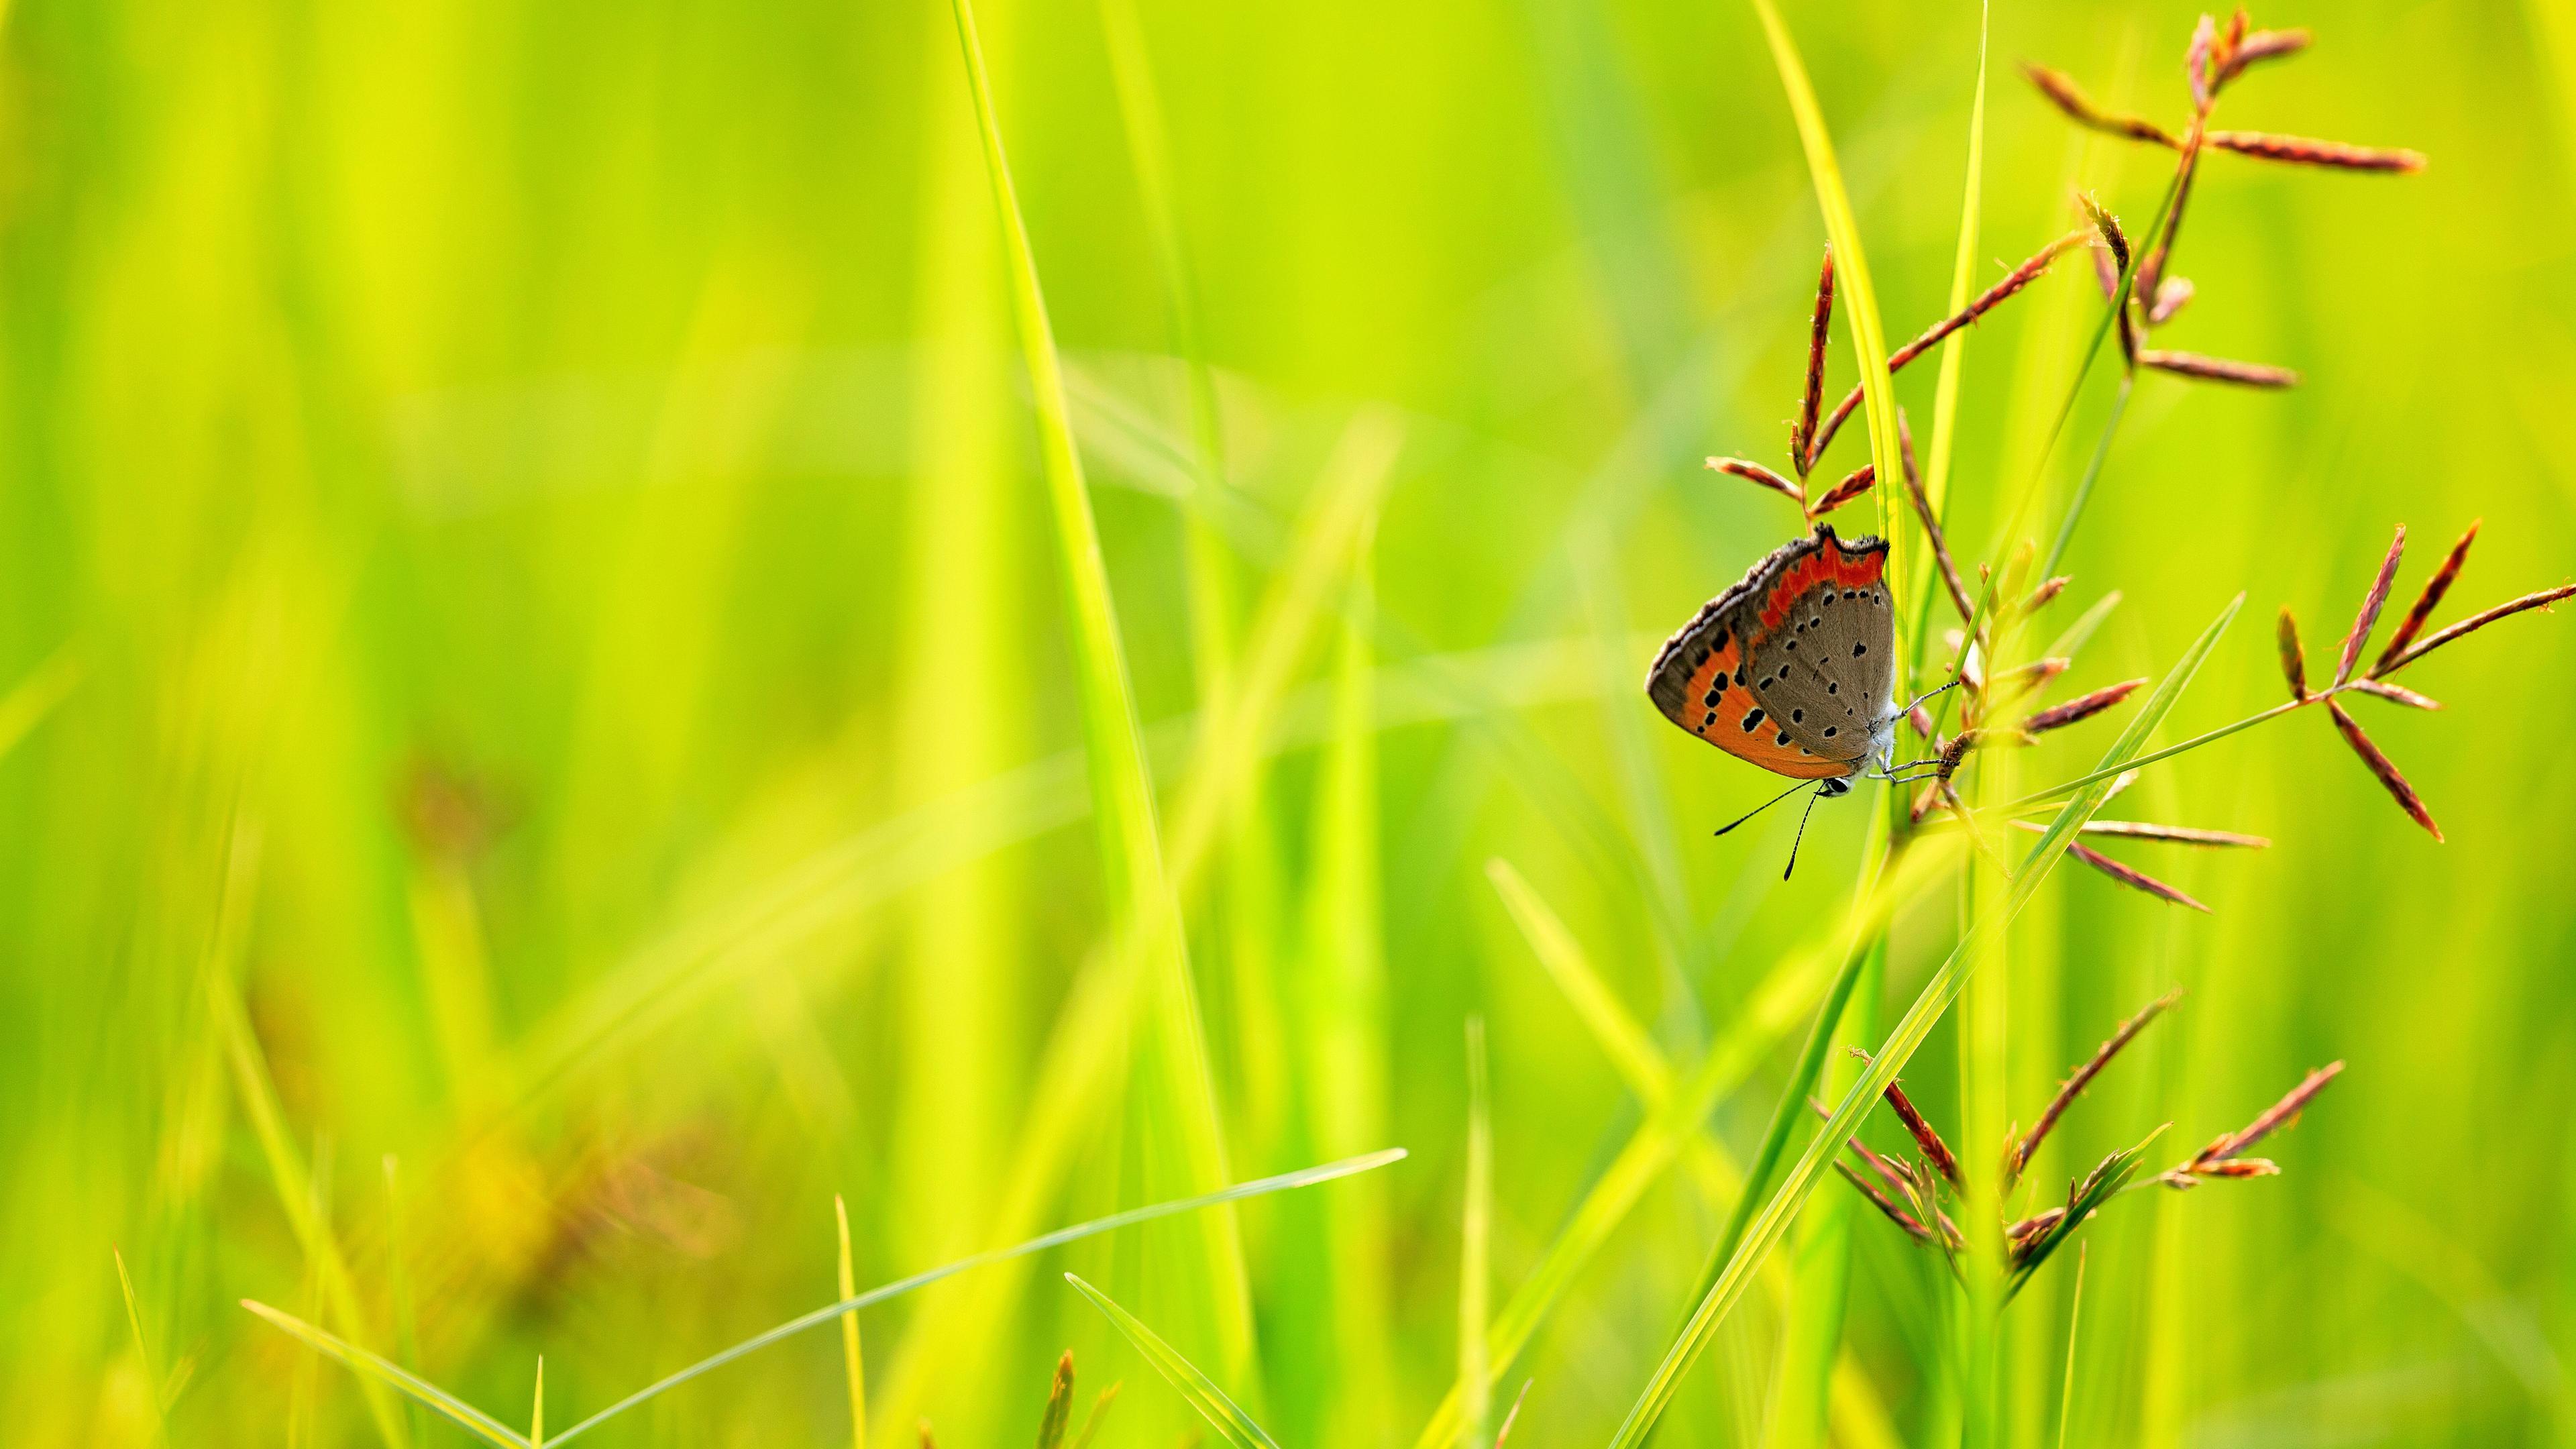 Бабочка на стебле колоска